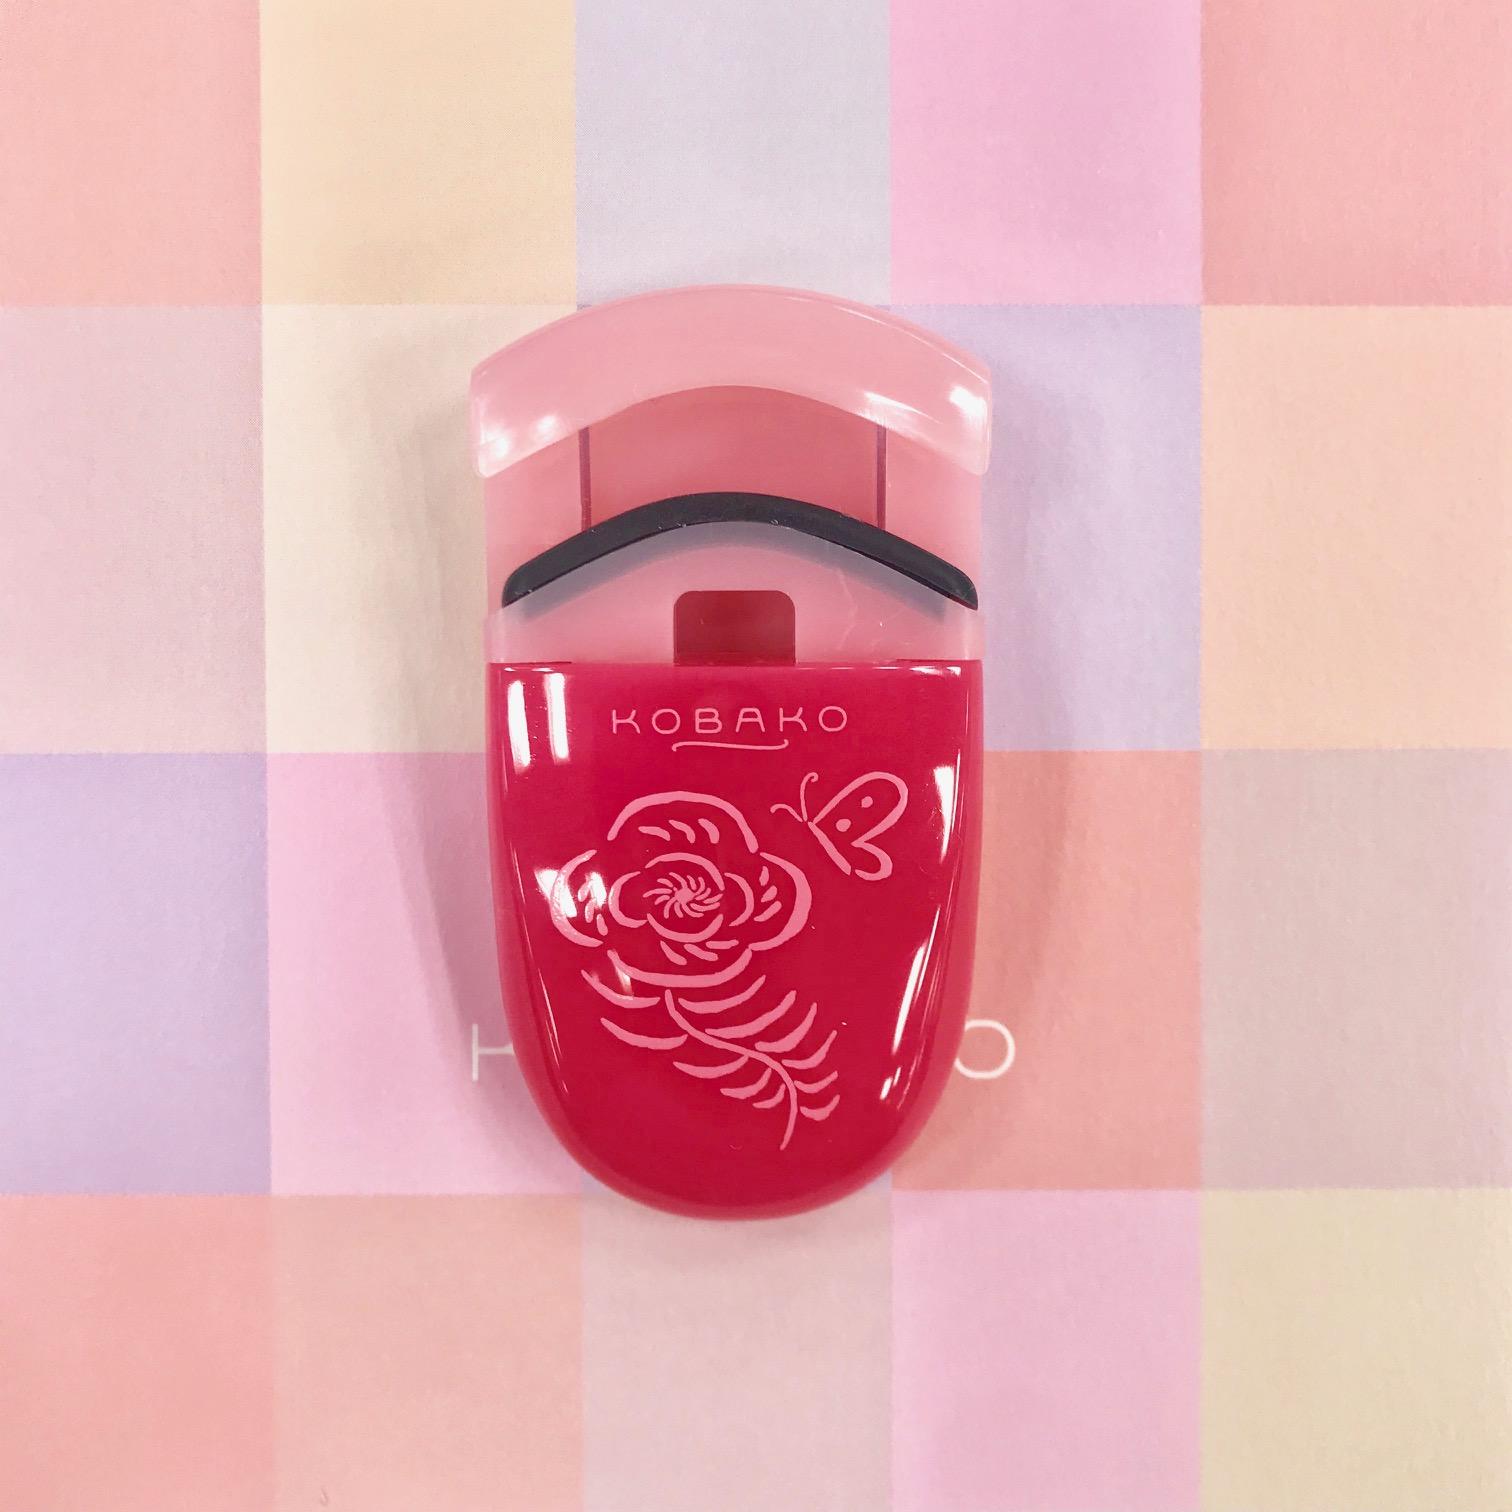 まつ毛は可愛く仕上げる? それともセクシー? 『KOBAKO』の10周年限定「アイラッシュカーラー」がピンクでアガる!_3